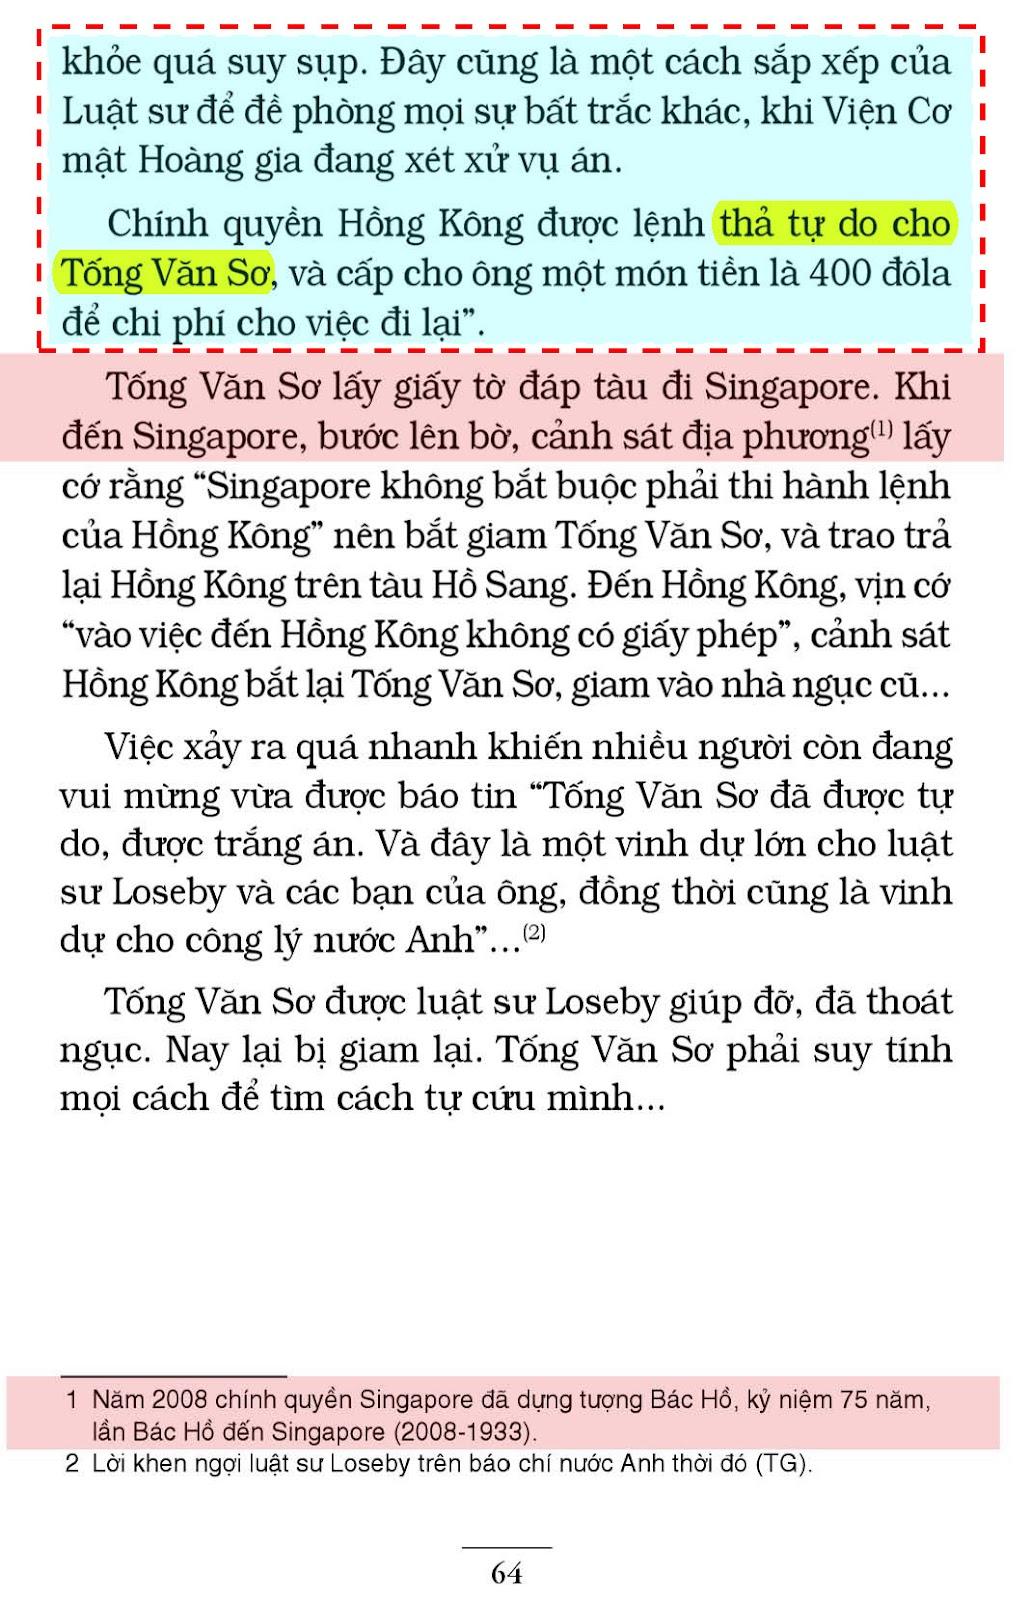 Trang 64 - Nguyễn Ái Quốc và vụ án Hồng Kông năm 1931.jpg